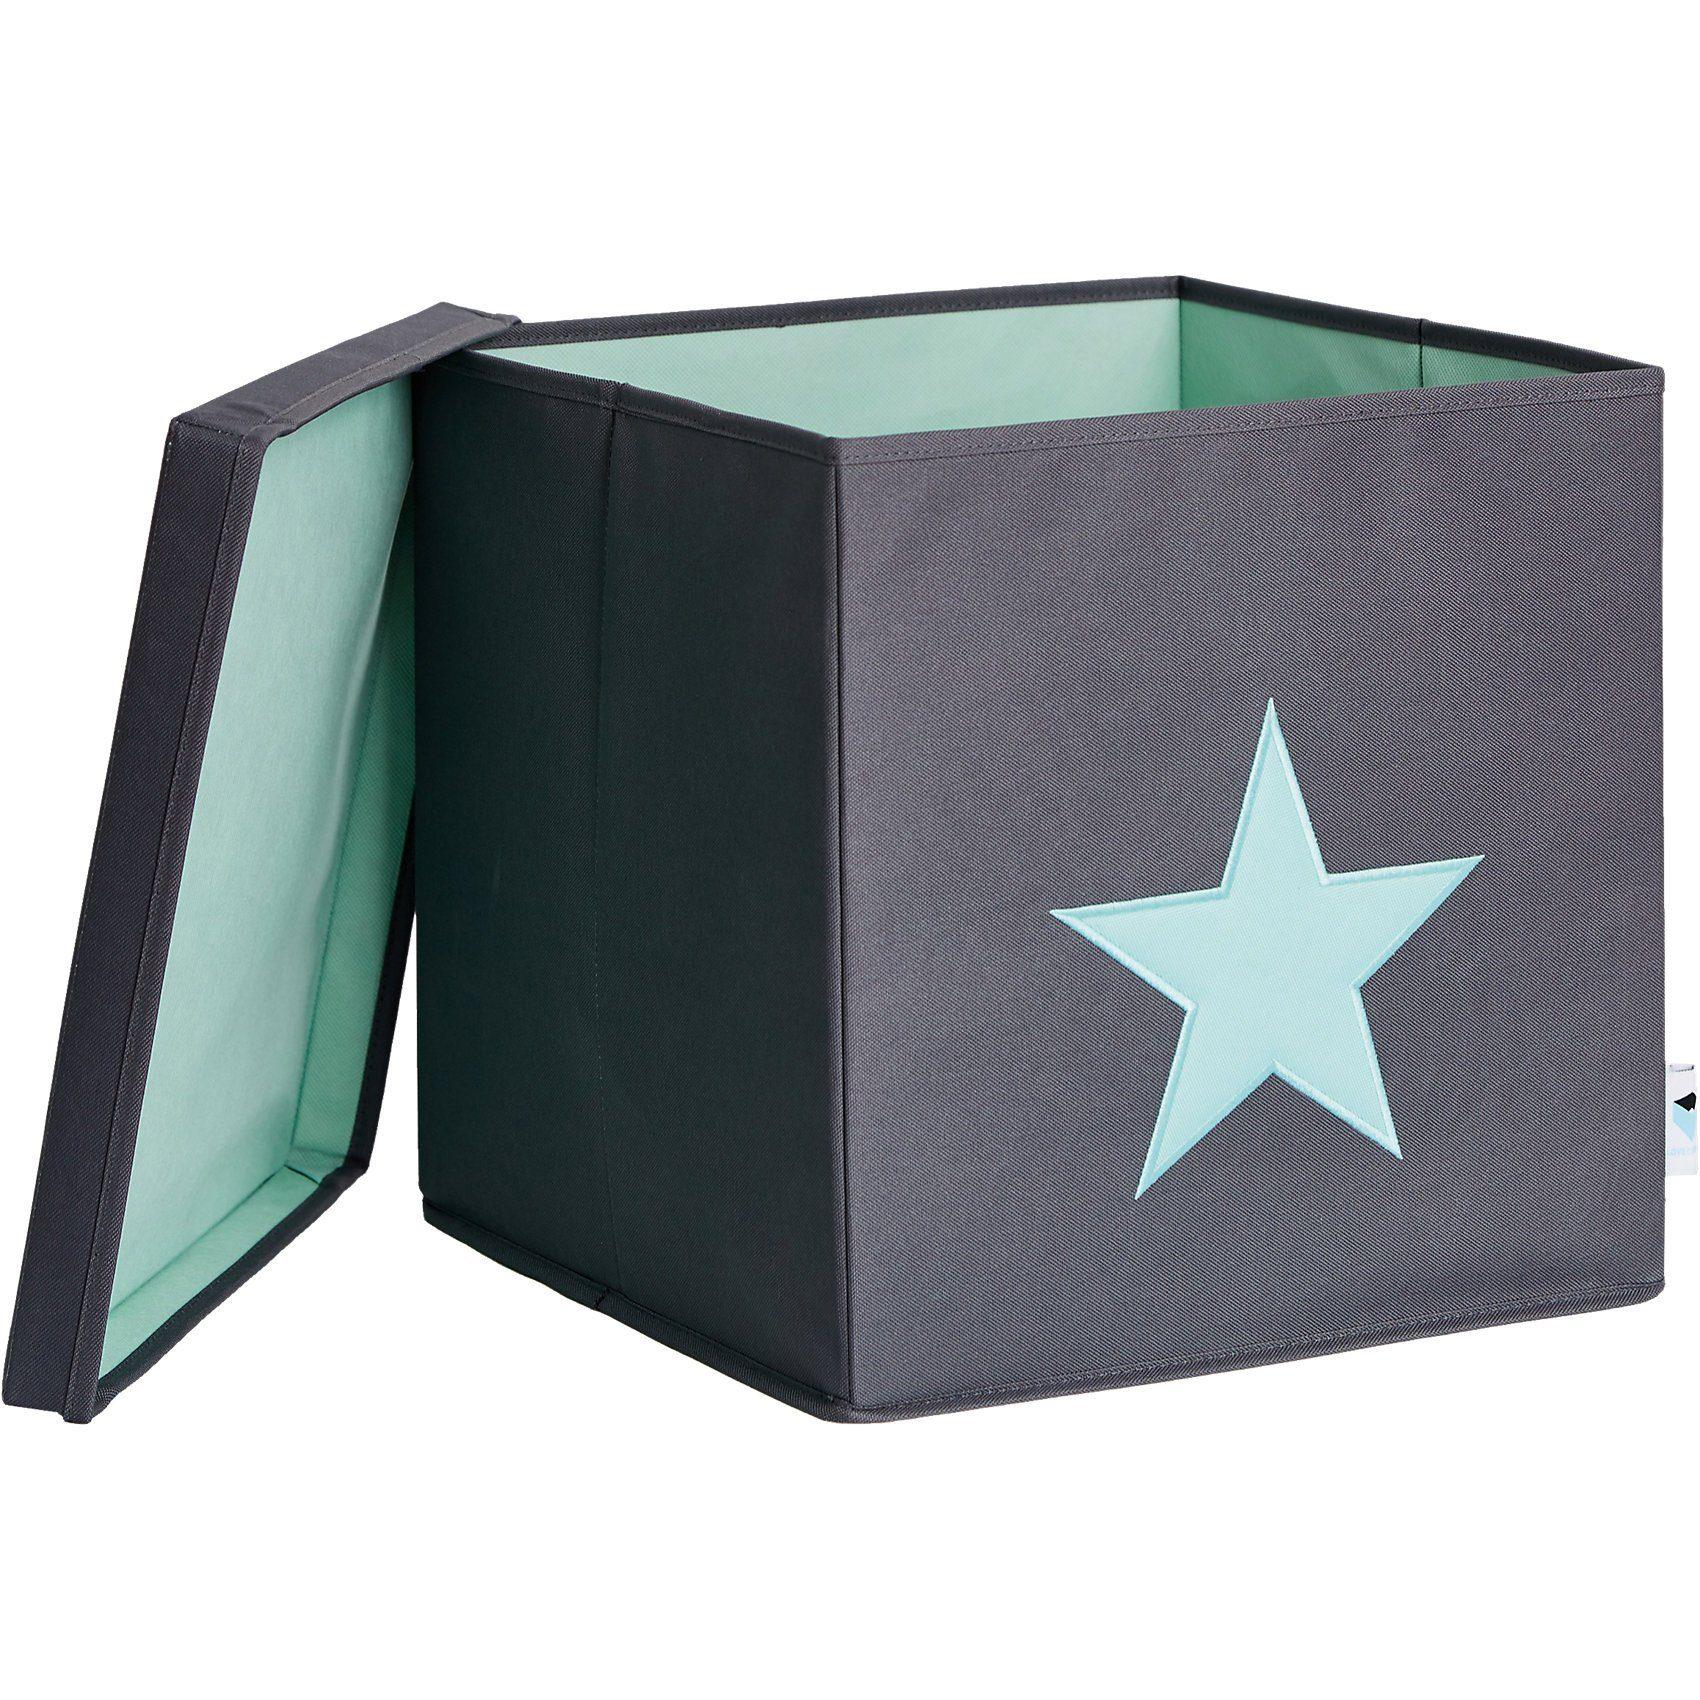 STORE IT! Ordnungsbox mit Deckel (MDF), grau mit mintgrünem Stern